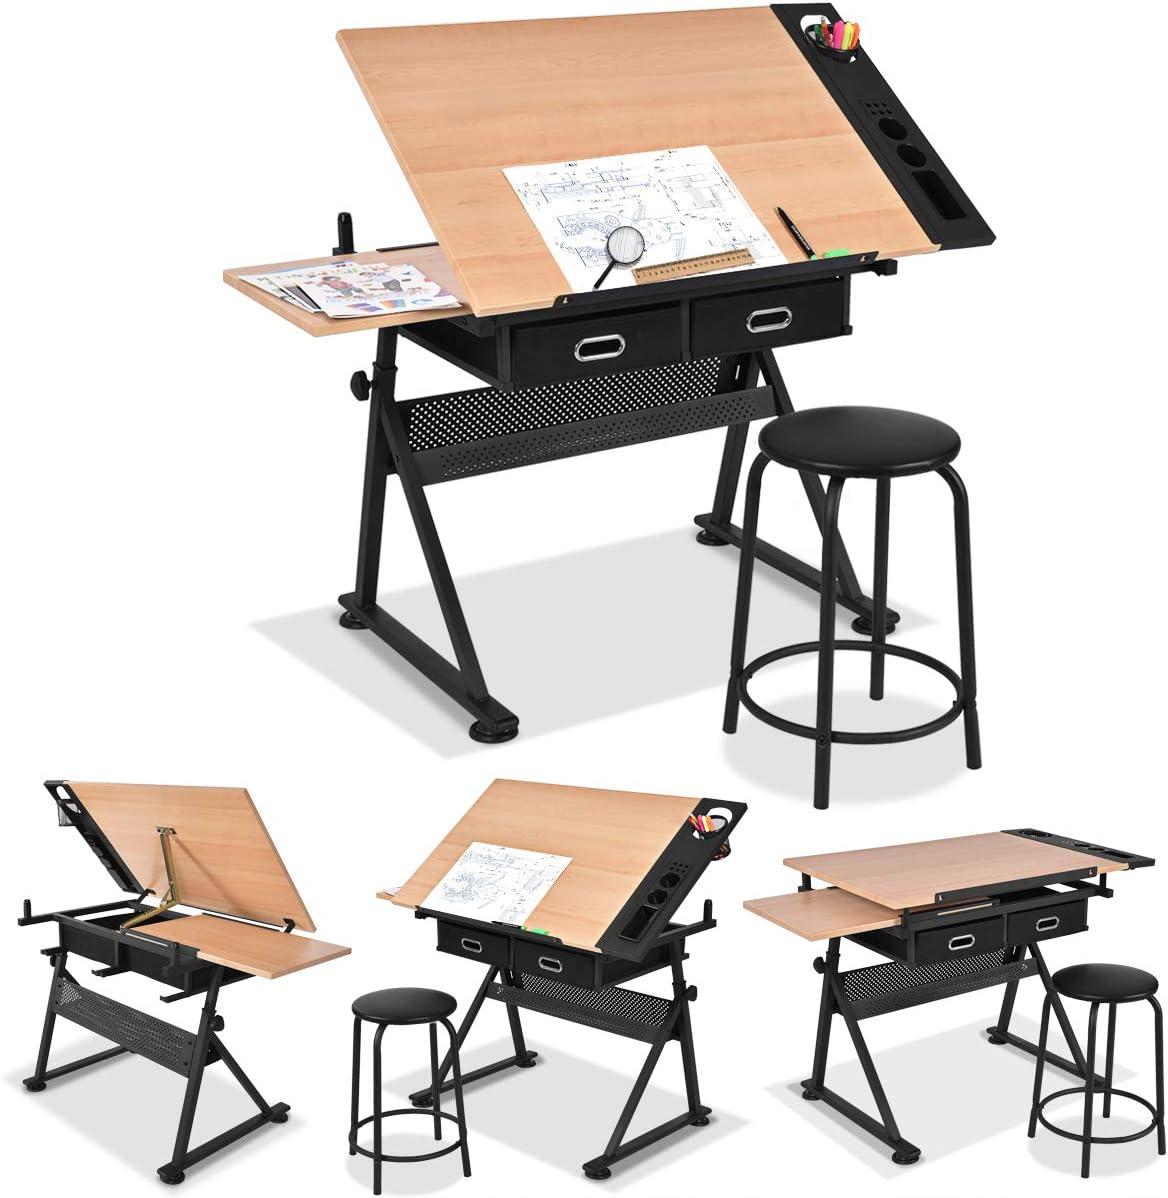 Table d/'Artiste pour Peinture Beaux-Arts /Écriture GOPLUS Table /à Dessin Inclinable et Tabouret avec Double Surface et 2 Grands Tiroirs Hauteur R/églable 65 /à 90,5 CM Artisanat Architecte